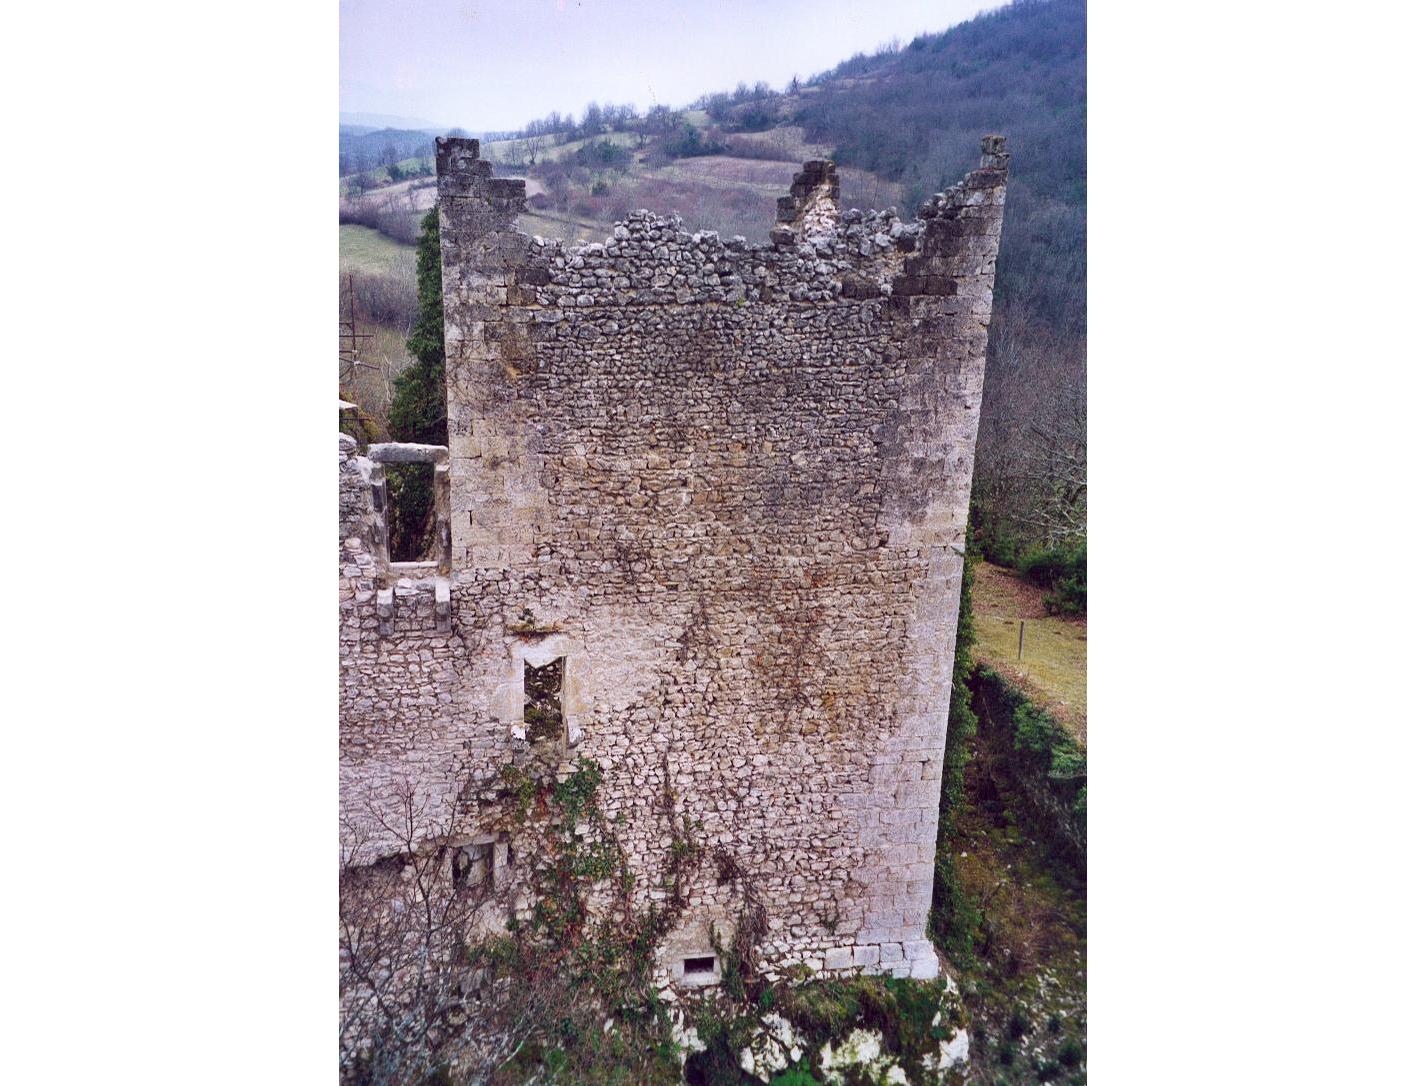 Conservation du château de Beauretour (Saint-Germain-les-Paroisses, Ain)